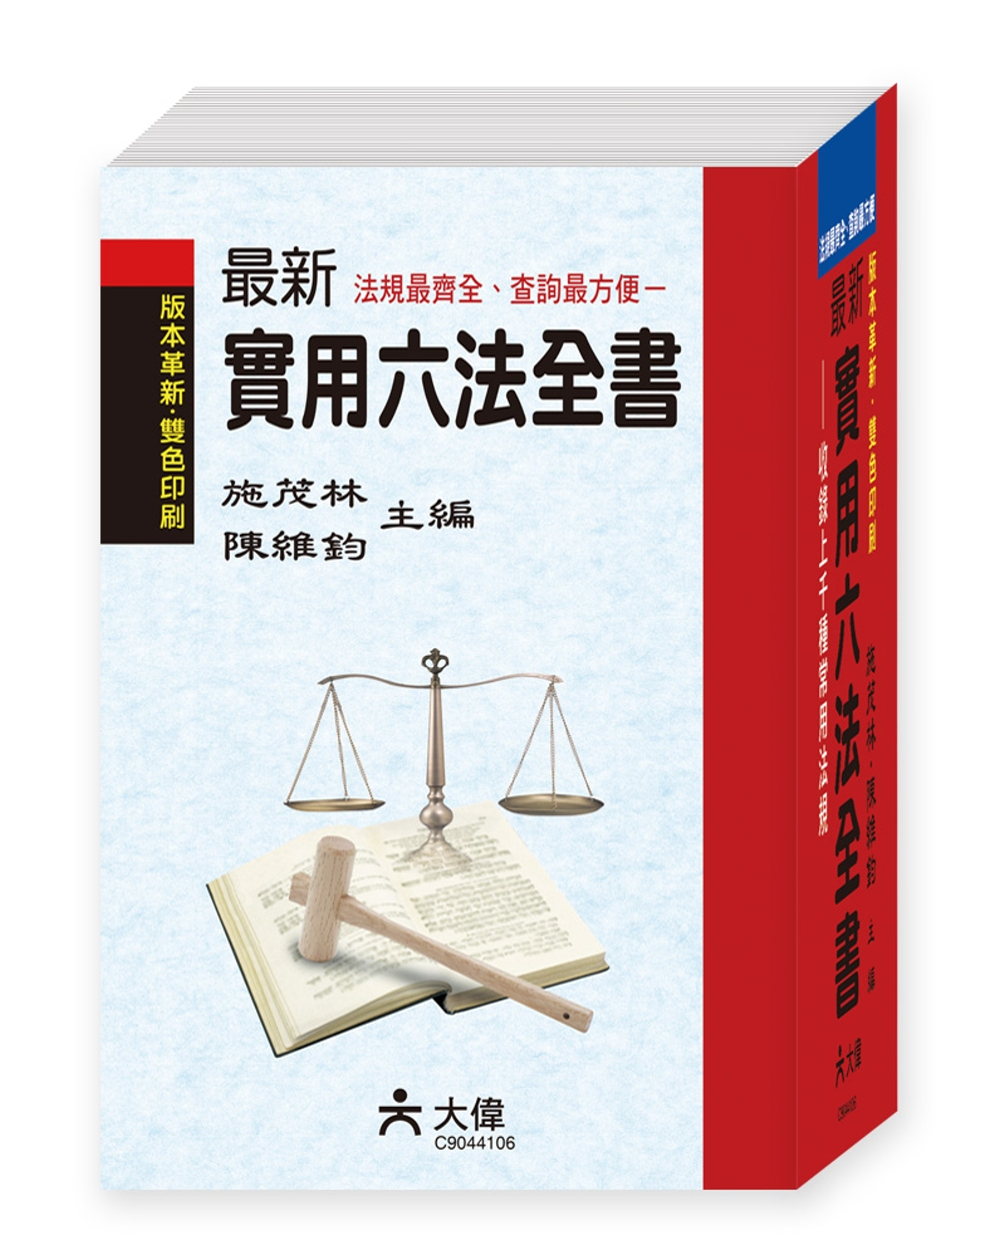 最新實用六法全書